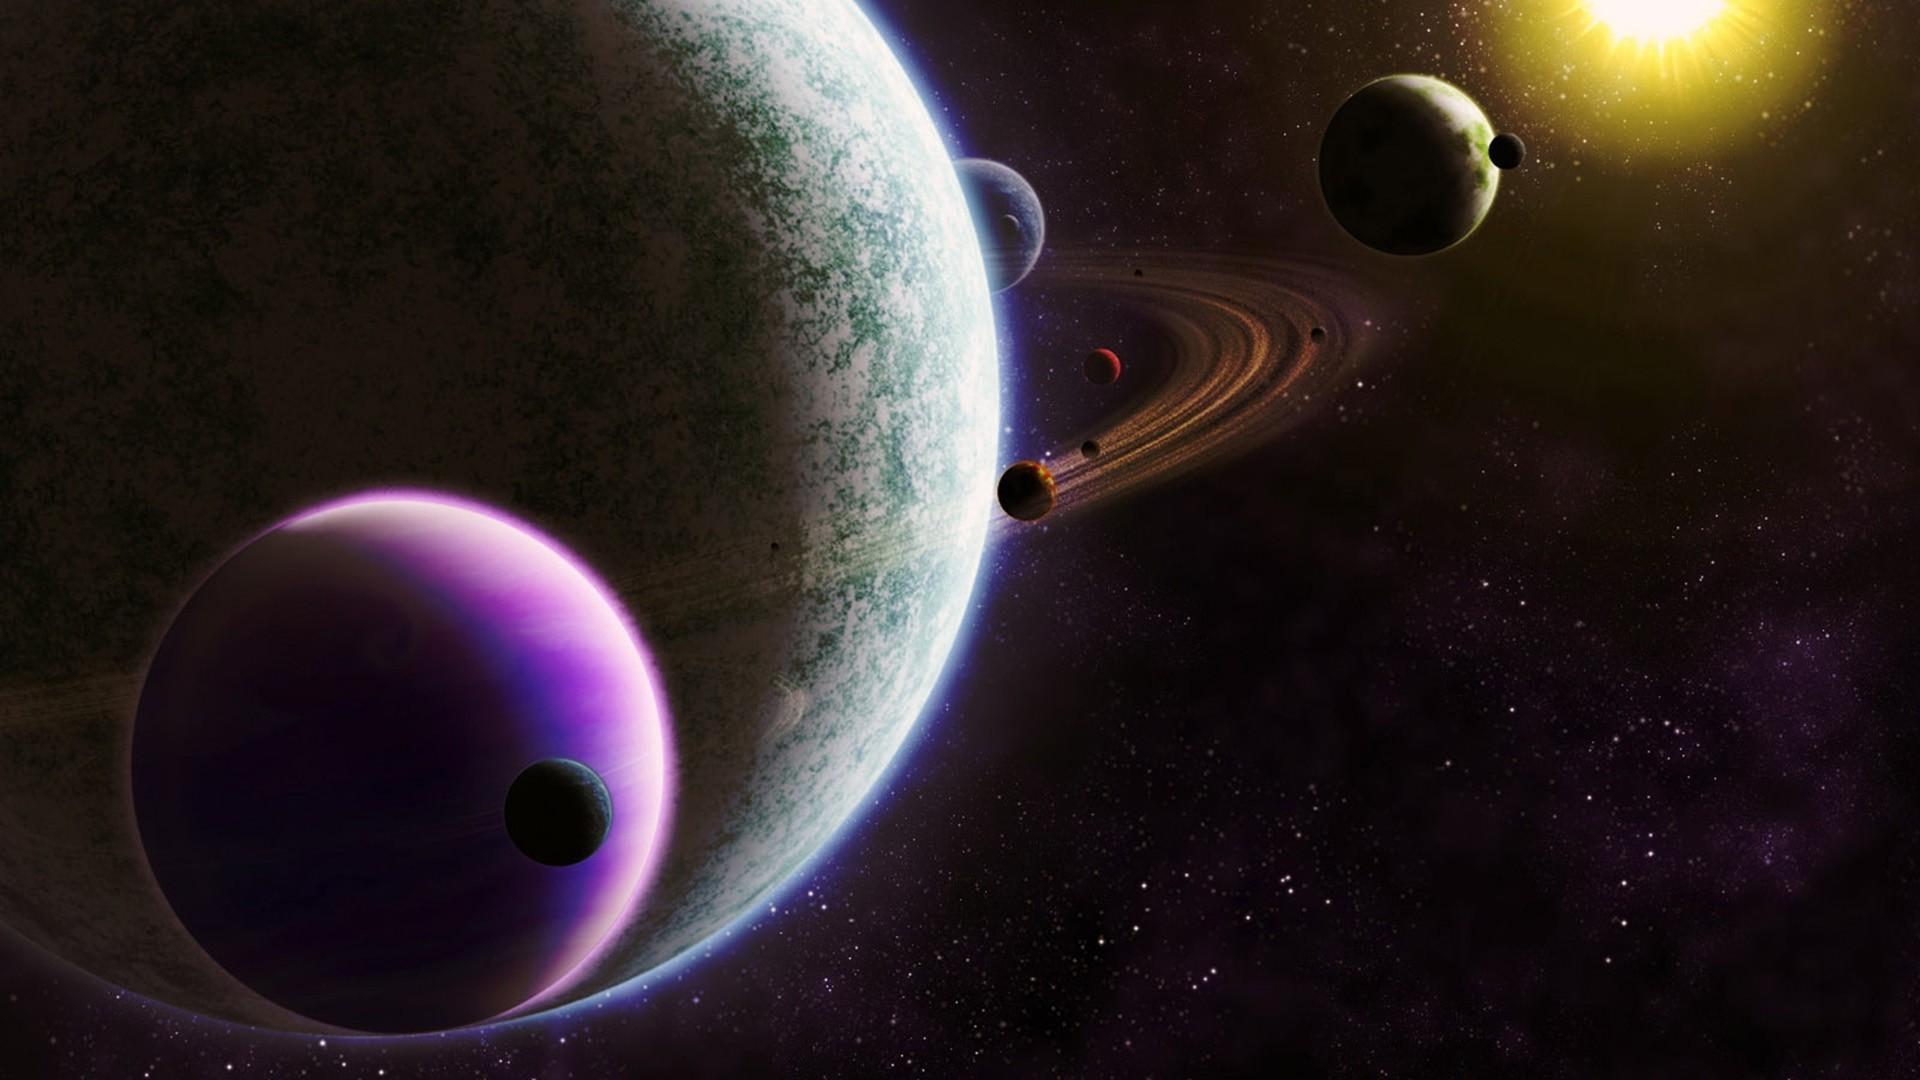 картинки на рабочий стол планеты солнечной системы должны провести процедуру